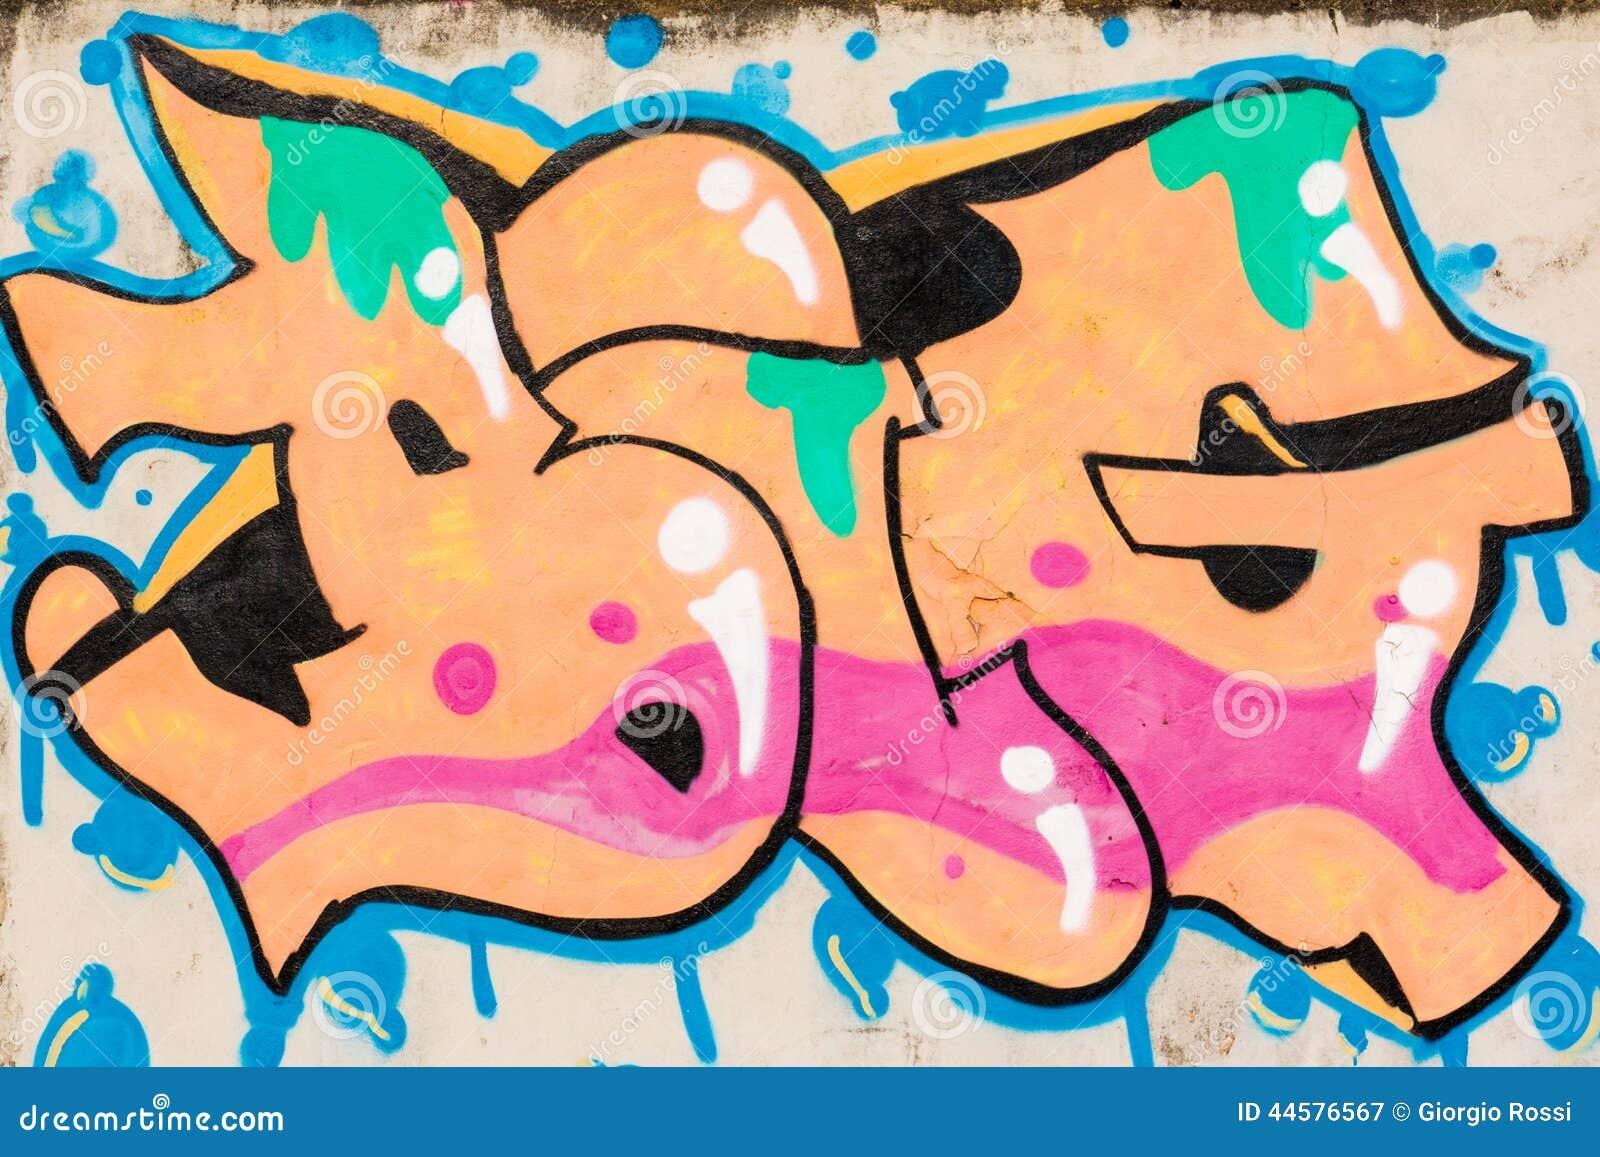 Graffiti der orange, rosa, grünen und blauen beschaffenheit gross ...